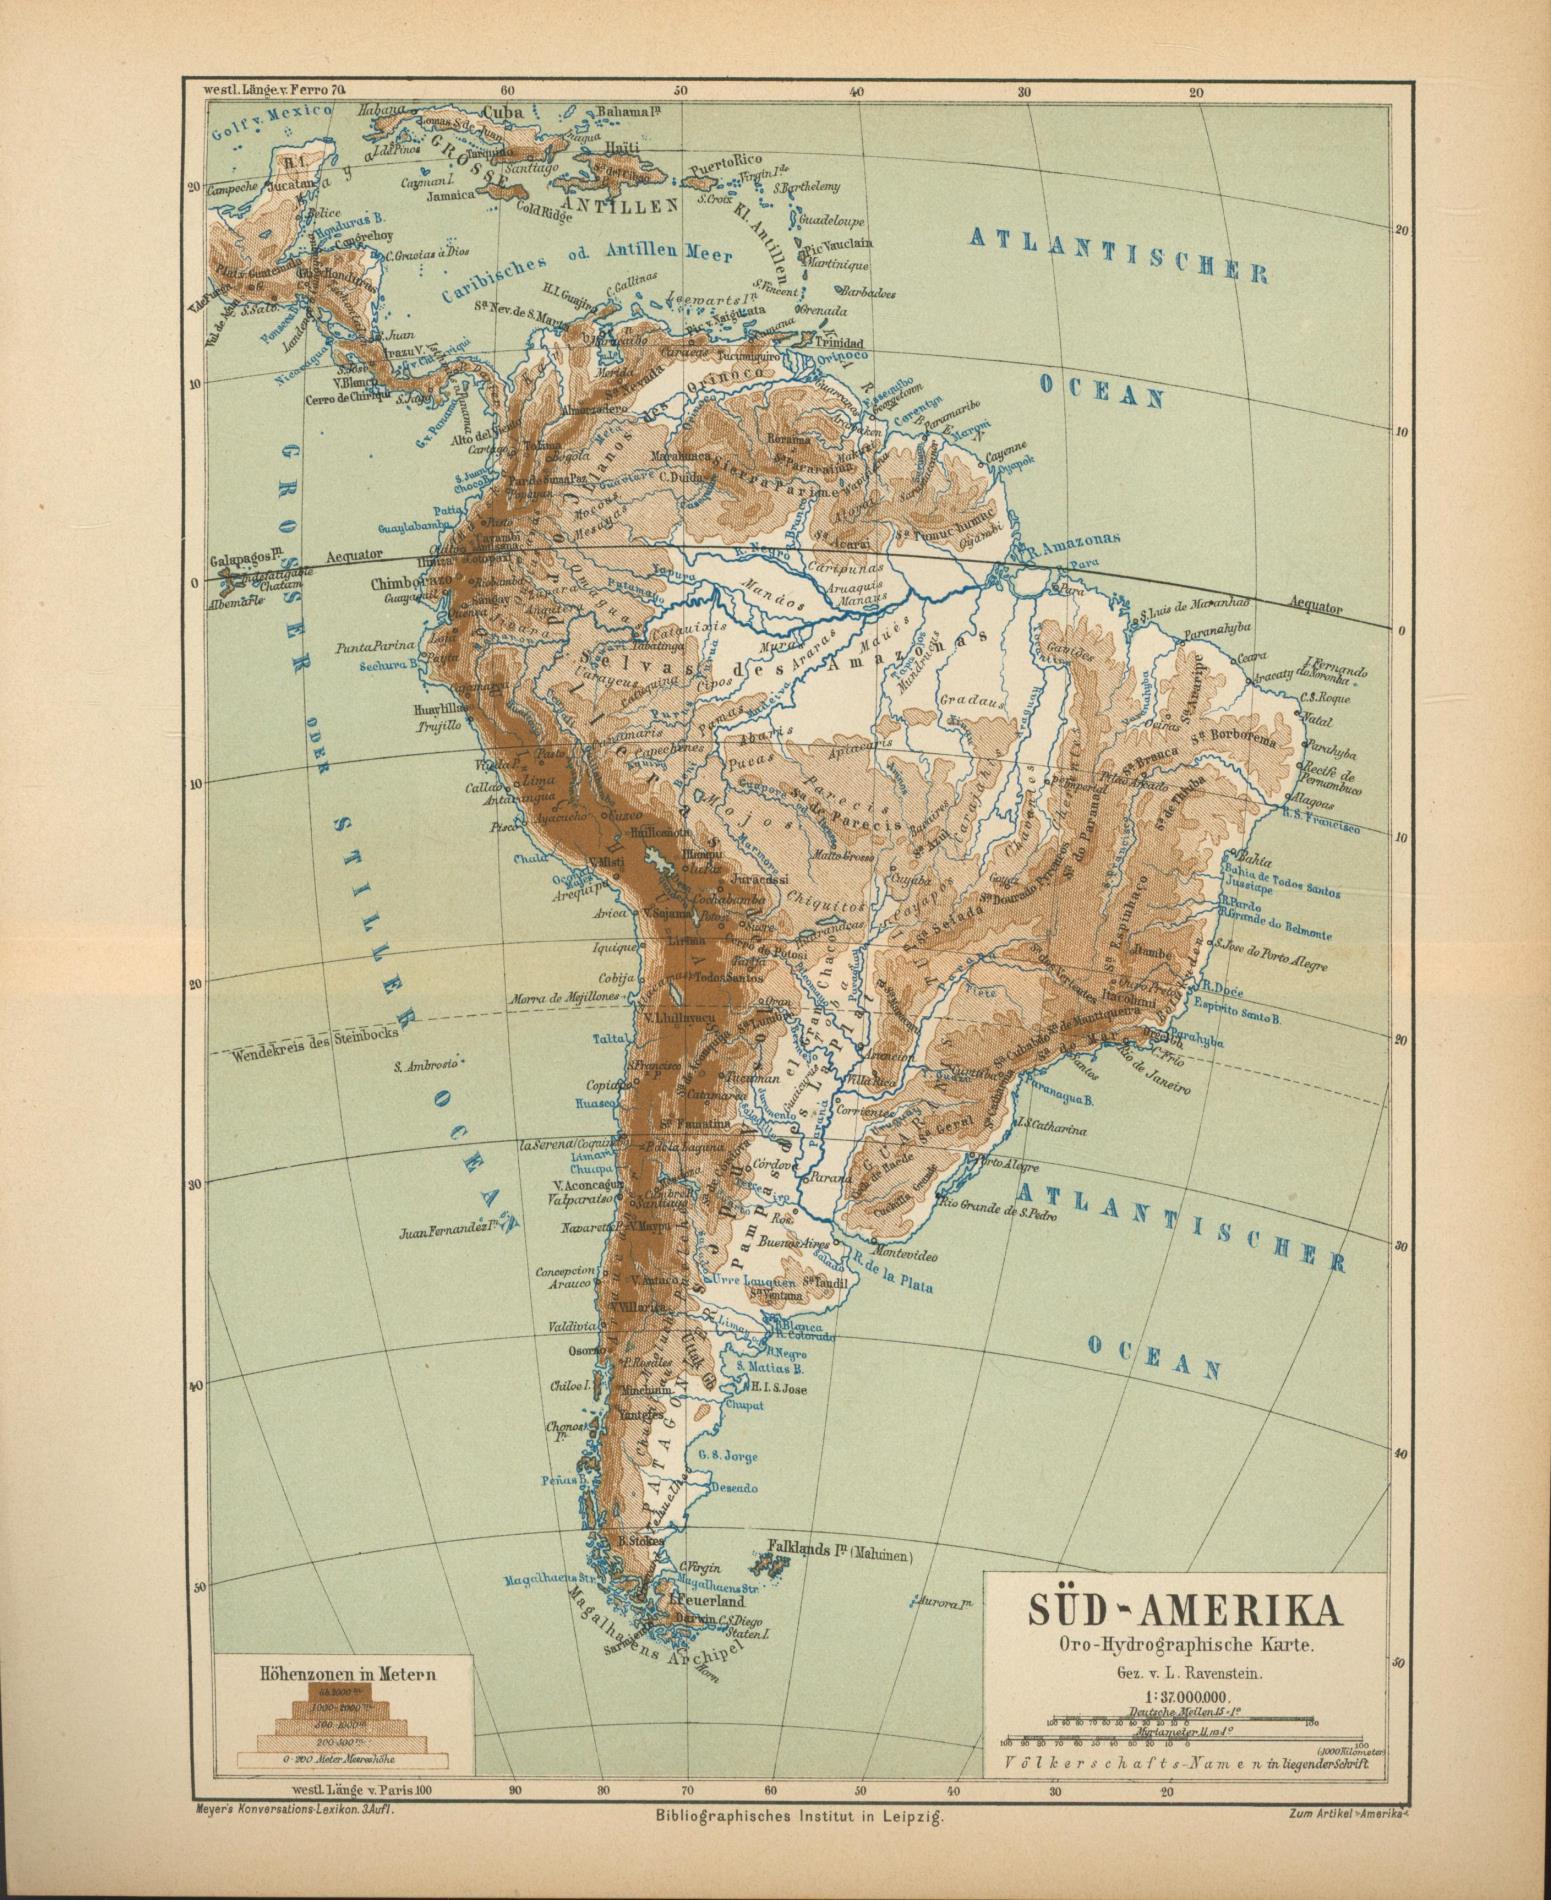 Süd-Amerika von 1874,Maßstab 1:37.000.000: Historische Landkarte KEIN